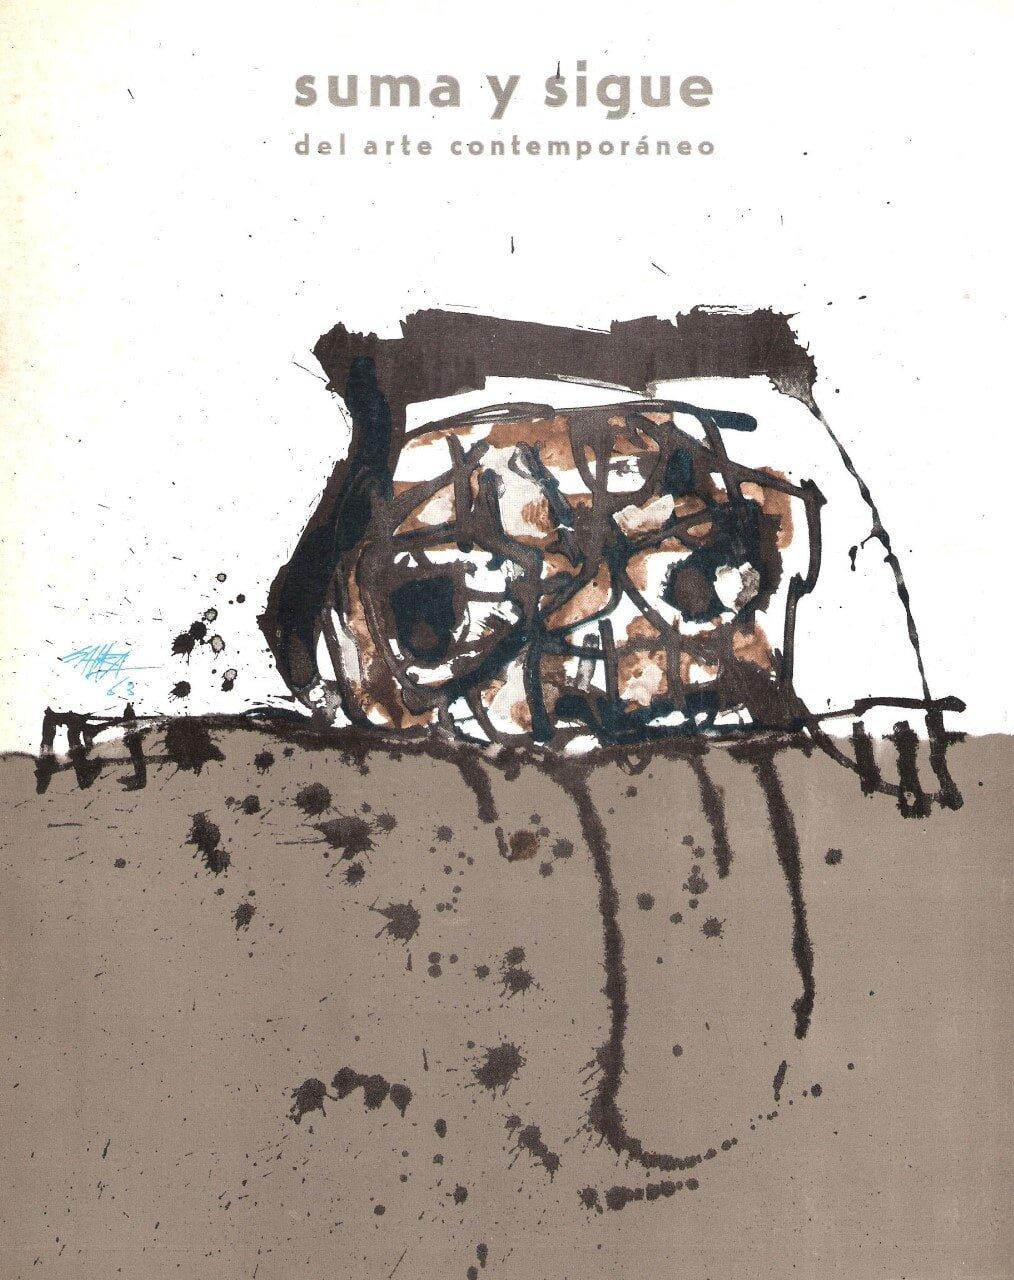 Œuvre d'Antonio Saura en couverture de  Suma y sigue del arte contemporáneo , Valence, janvier-mars 1963, collection privée. D.R.